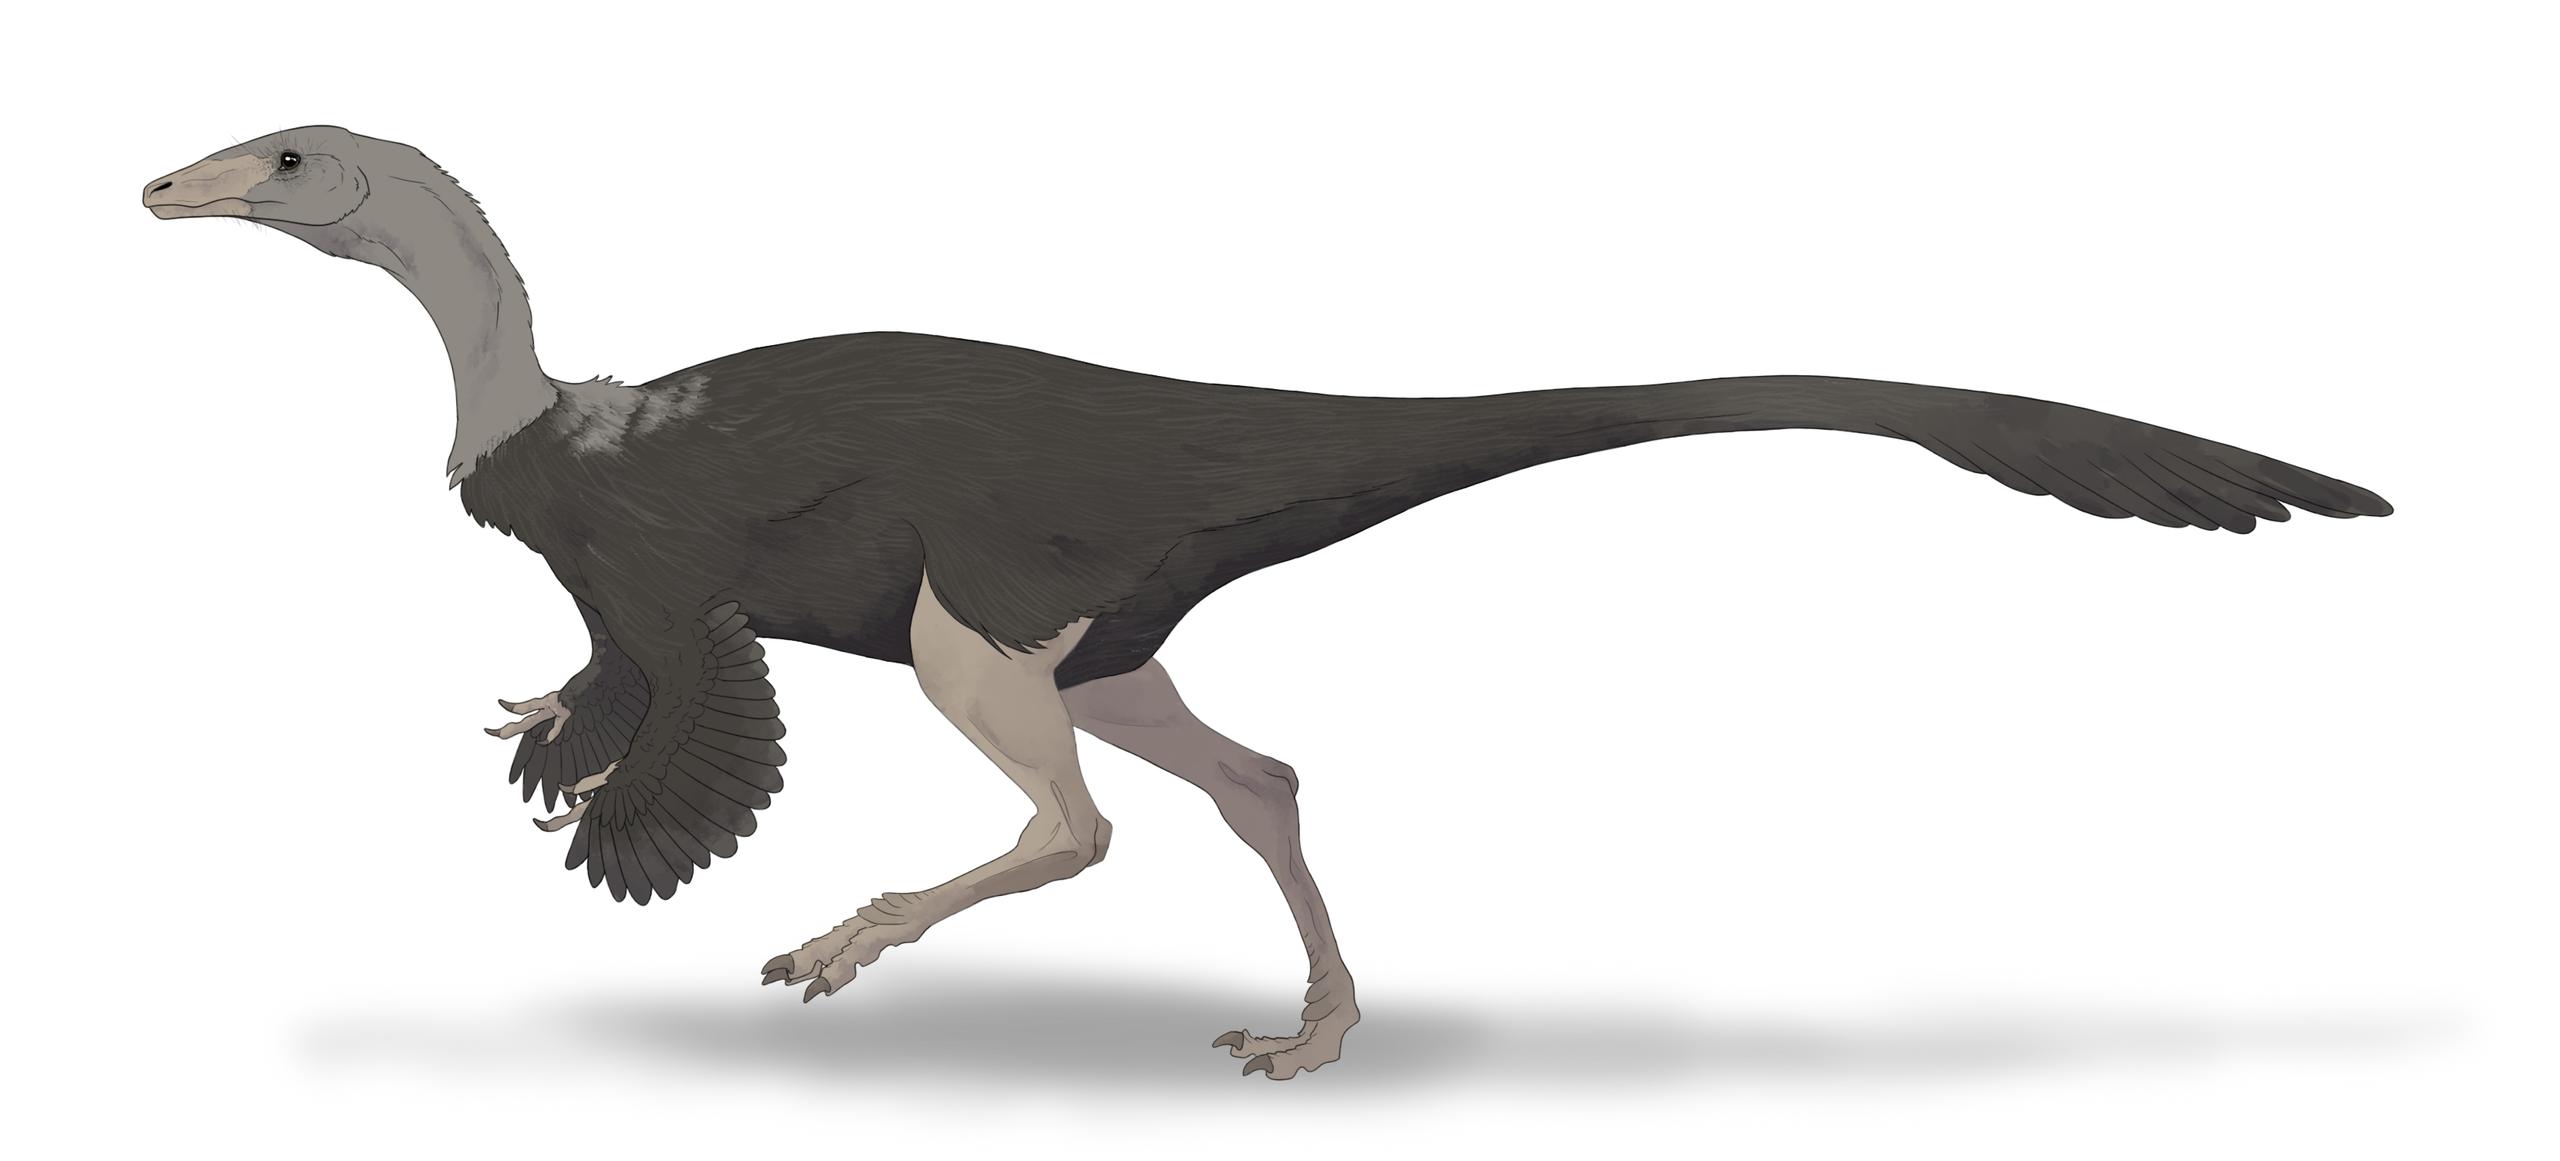 Tzv. pštrosí dinosauři, neboli ornitomimidi, byli gracilní a štíhle stavění teropodi, kteří evidentně dokázali velmi rychle běhat. Jak rychle konkrétně běželi a jak dlouho svoji maximální rychlost udrželi, to však zůstává otázkou i ve 21. století. Na